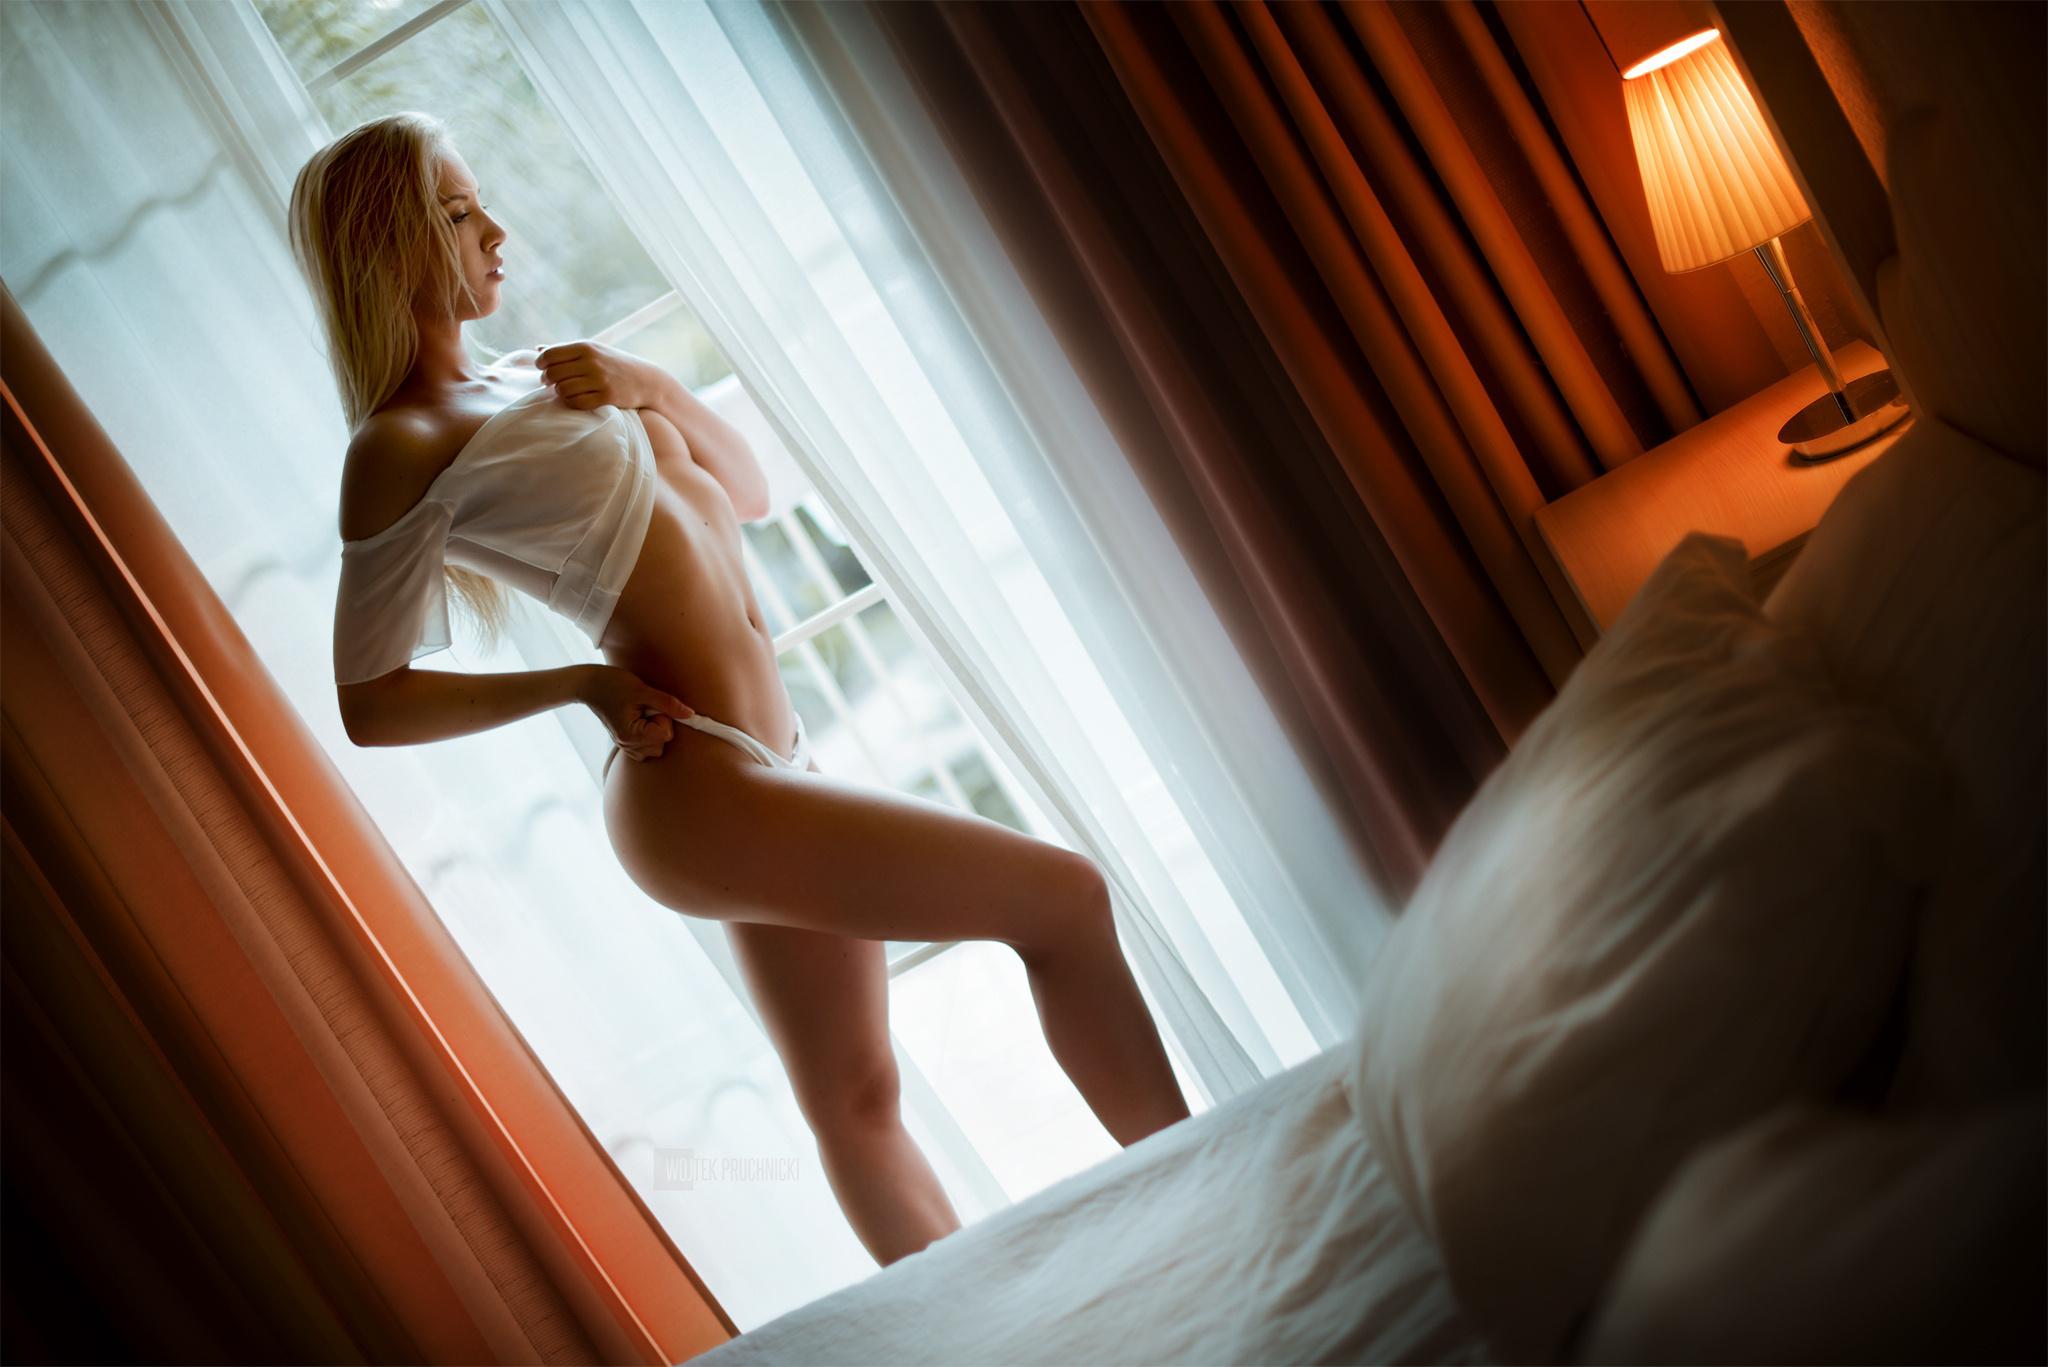 Скучающим девушкам вздумалось позировать голышом дома  7276